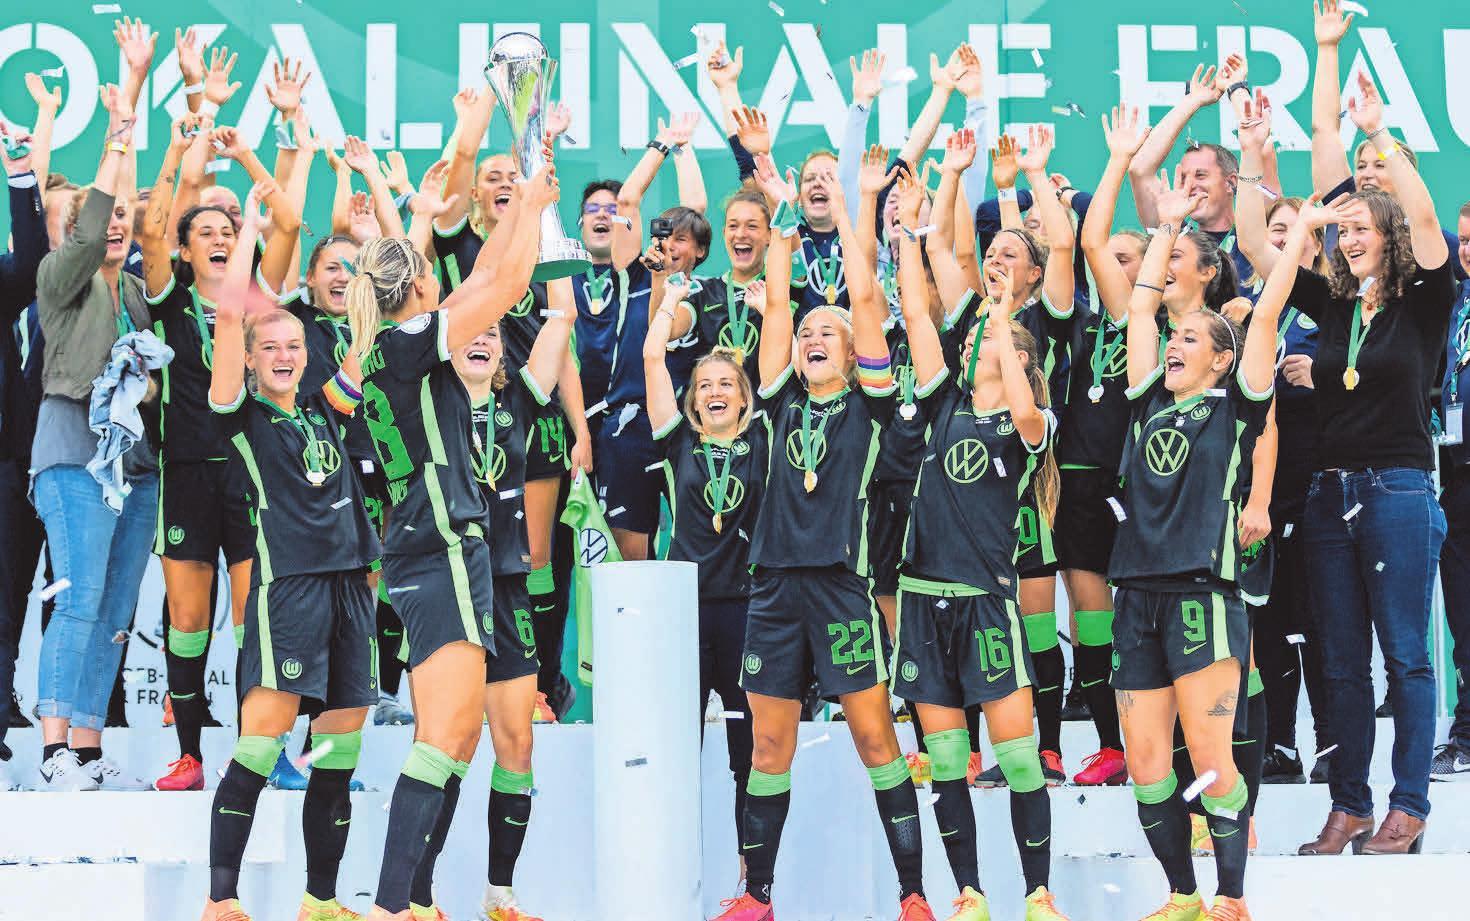 Am Ende durfte sie dann aber doch mit den Teamkolleginnen ihren neunten Triumph in diesem Wettbewerb feiern. Fotos: dpa